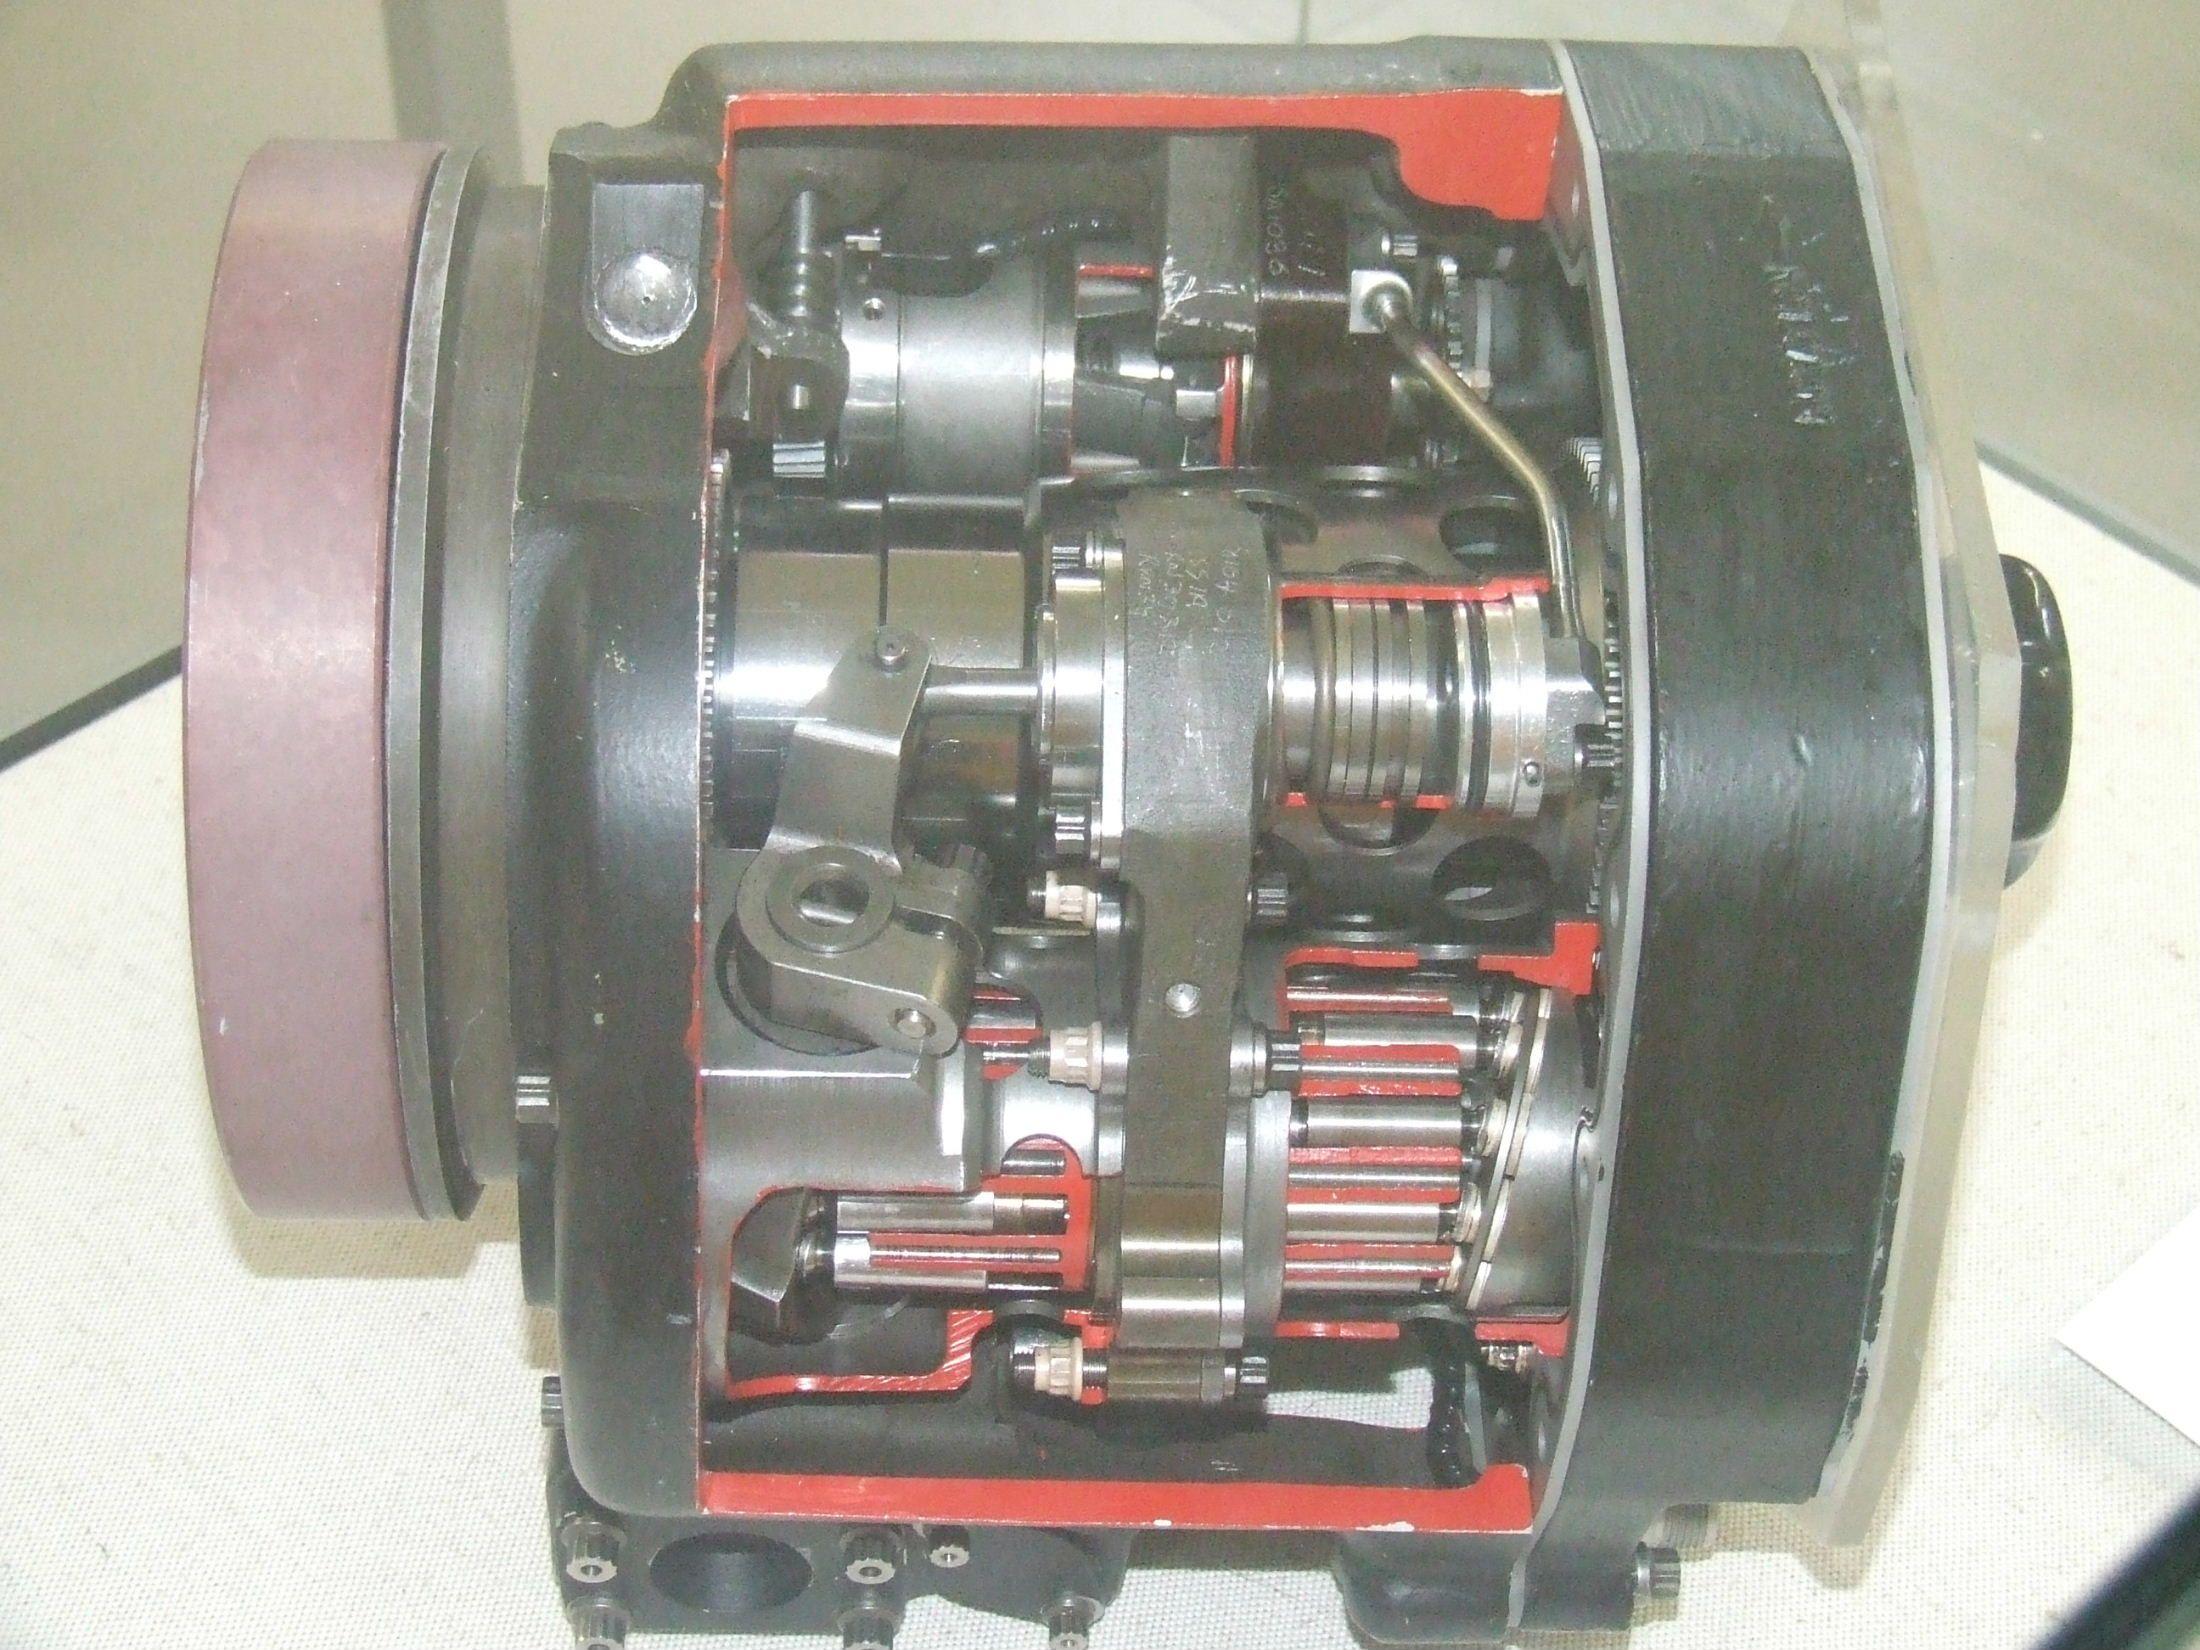 DSCF5909kl.JPG